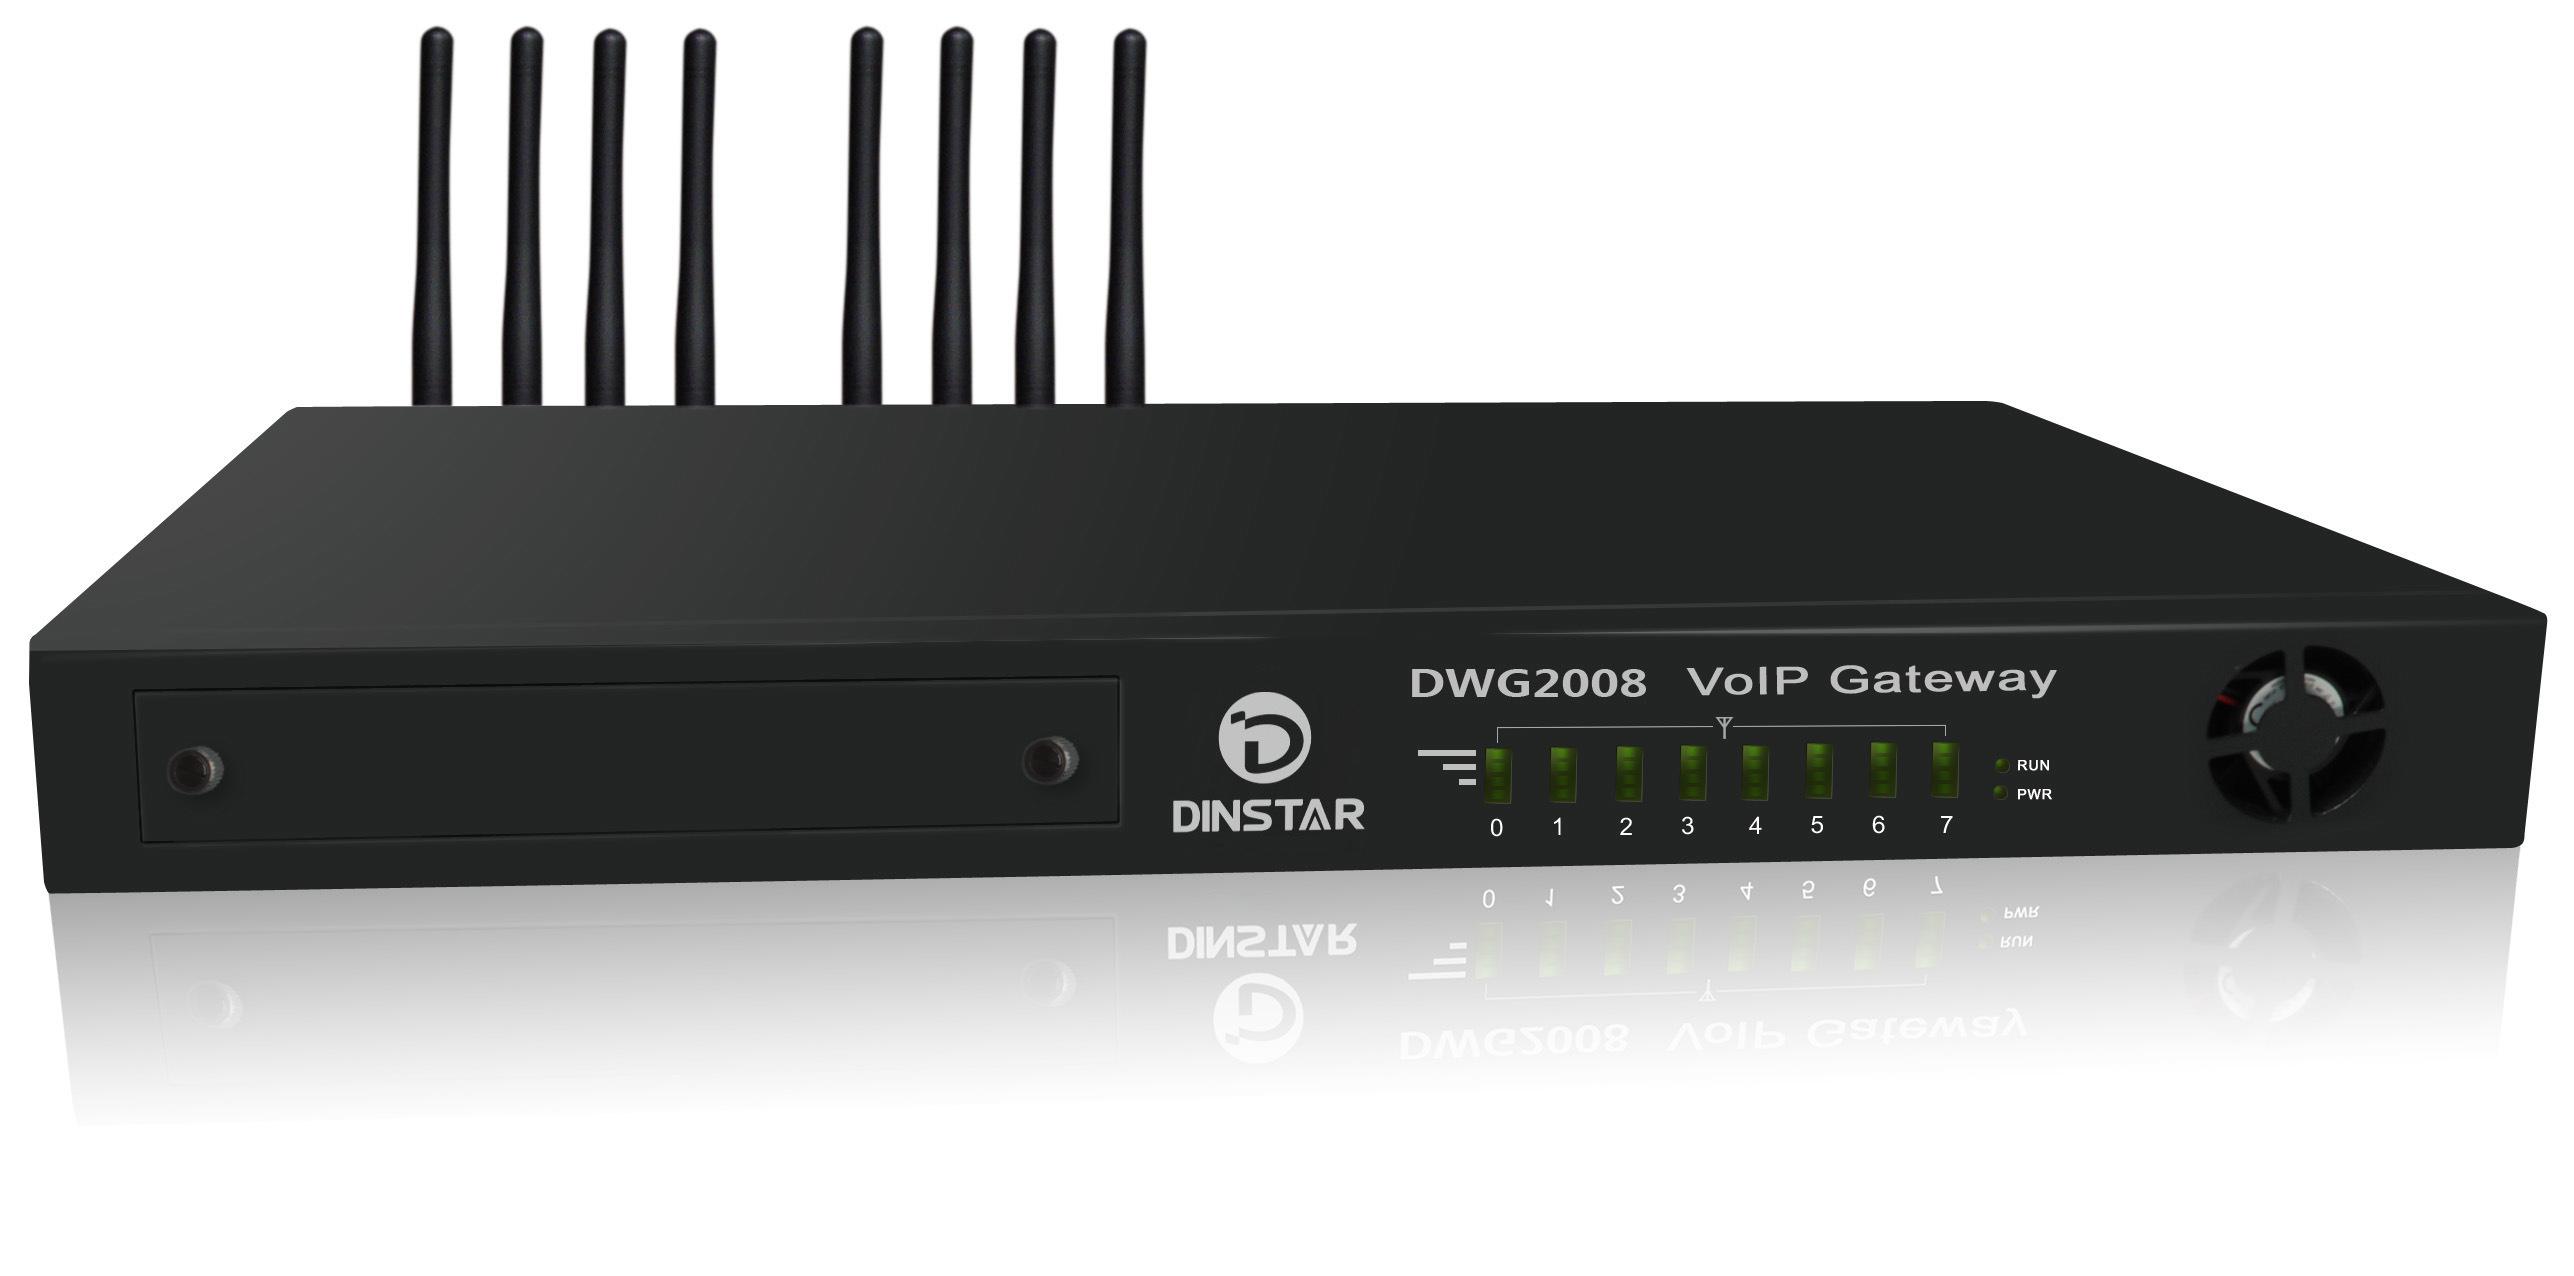 Gateway (DWG2000-8G/8C)